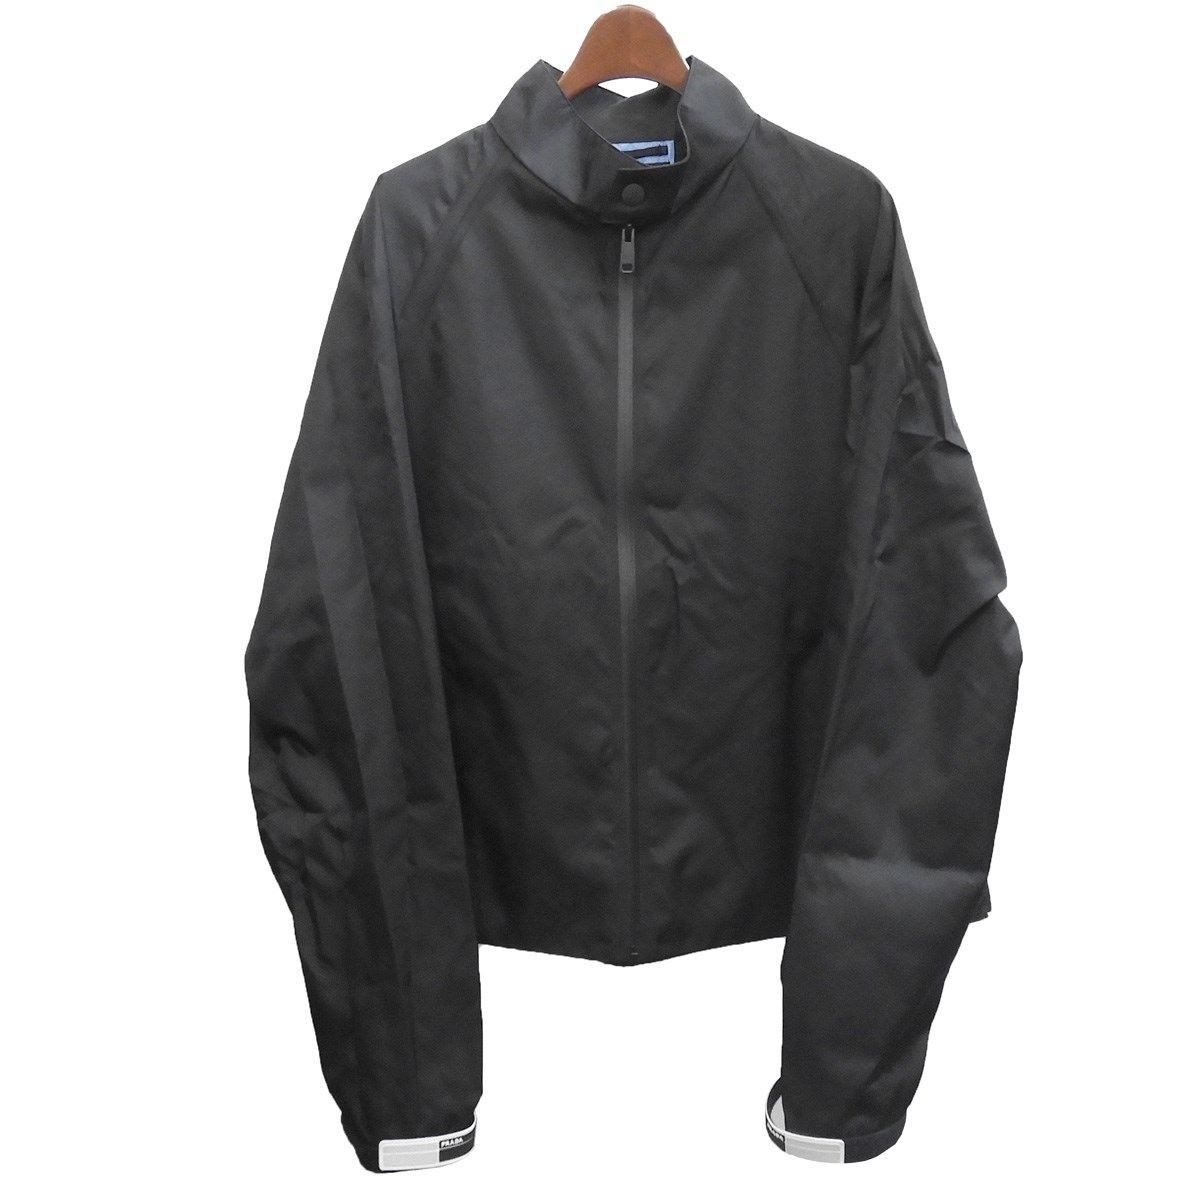 【中古】PRADA 2018SS ナイロンギャバジンジャケット ブラック サイズ:L 【250619】(プラダ)